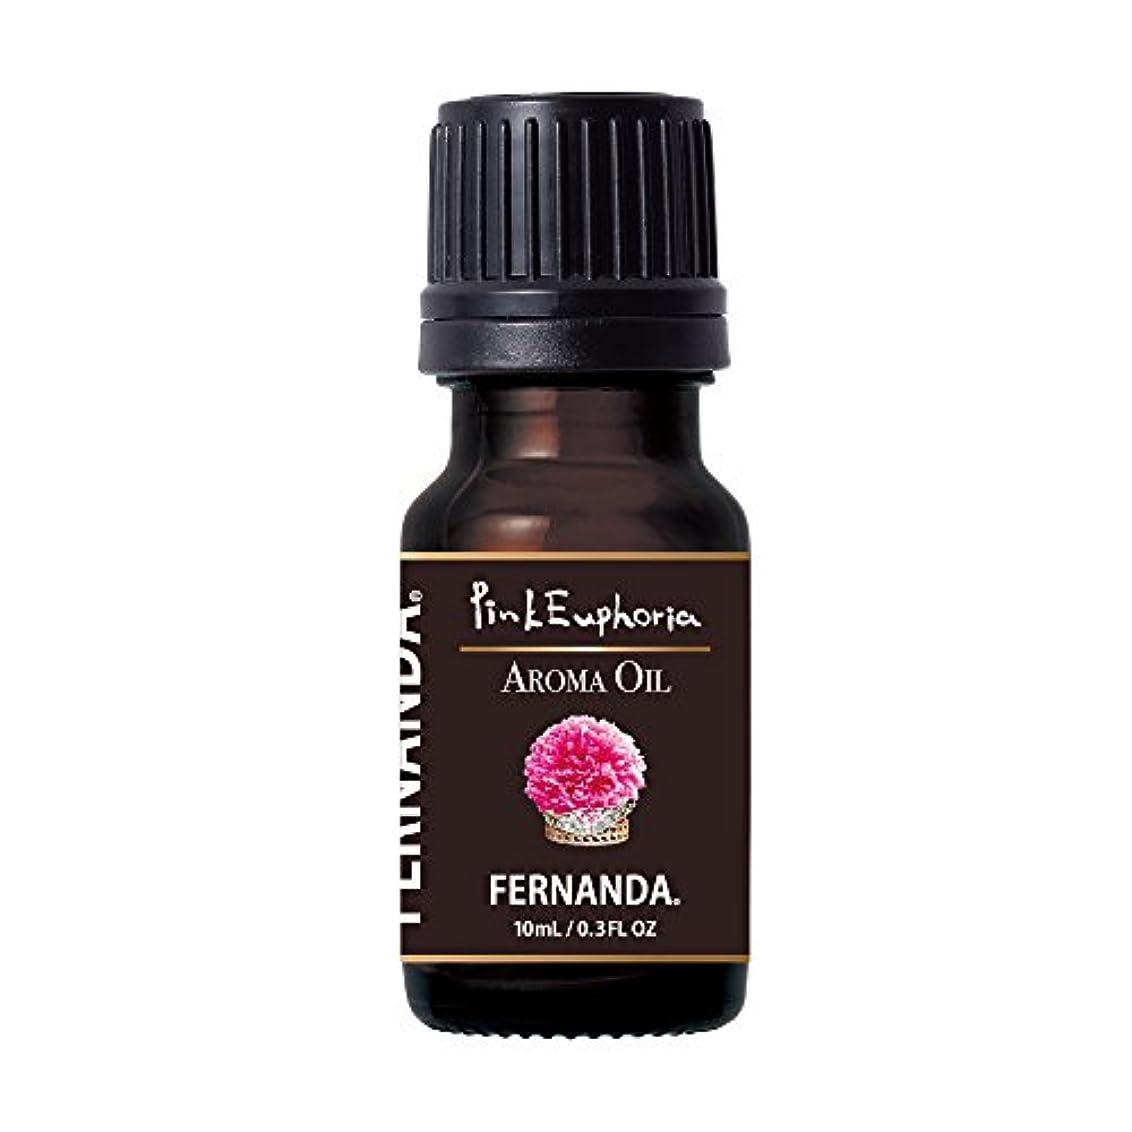 賞六ヤギFERNANDA(フェルナンダ) Fragrance Aroma Oil Pink Euphoria (アロマオイル ピンクエウフォリア)